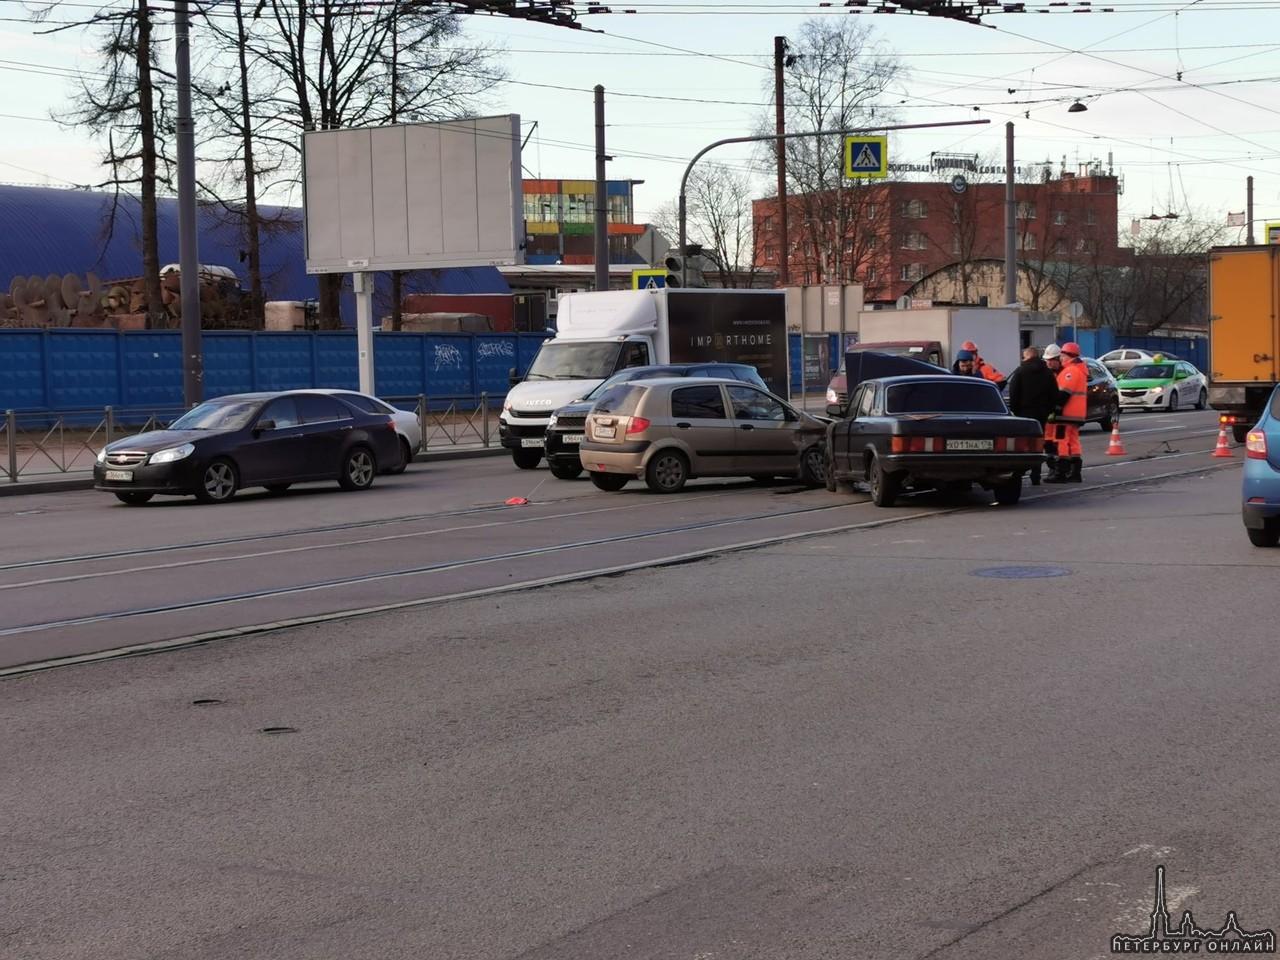 Жигули и Гетц столкнулись на Новороссийской улице трамваи встали в обе стороны